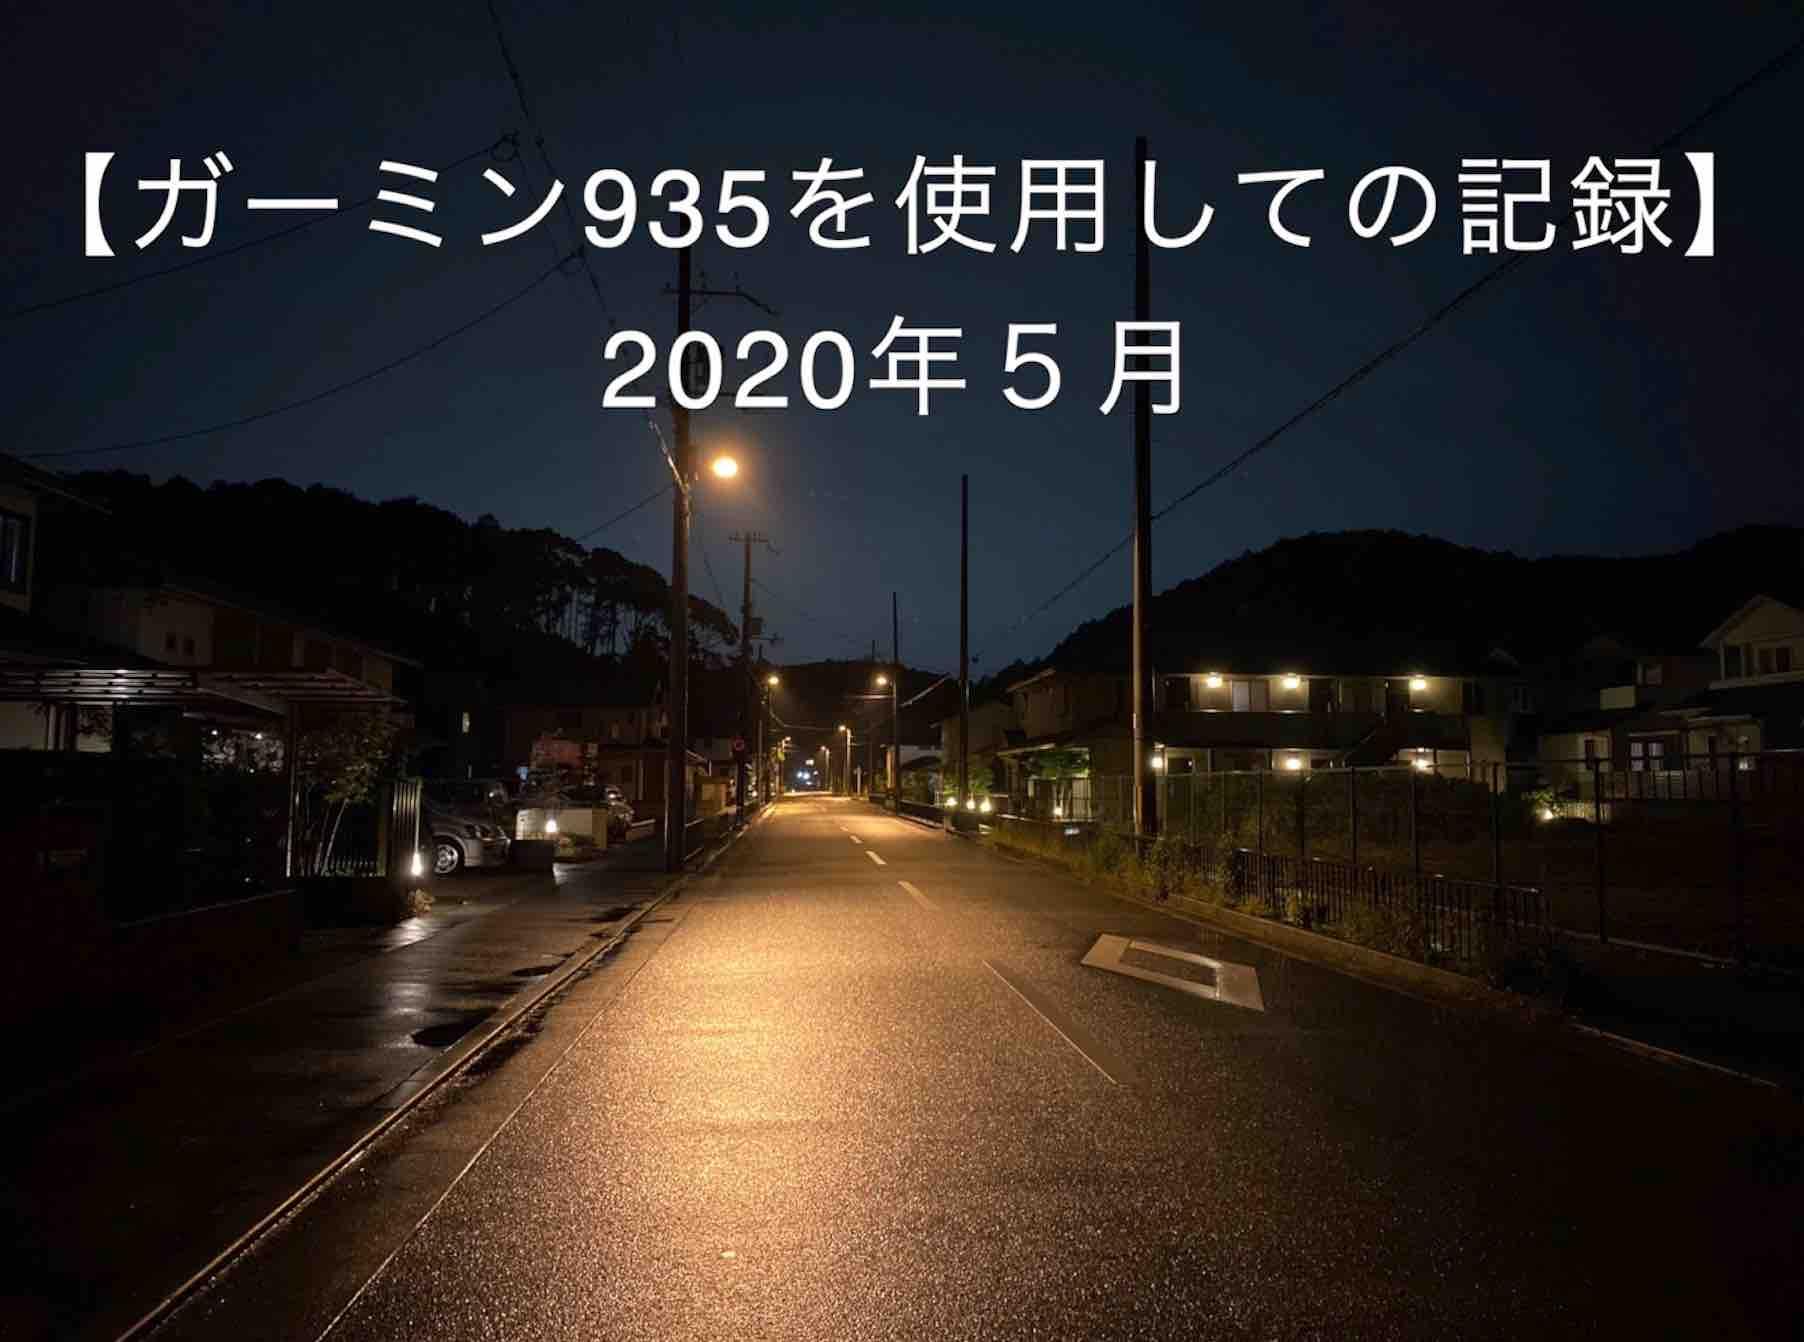 ランニングウォッチ【ガーミン935を使用しての記録】2020年5月